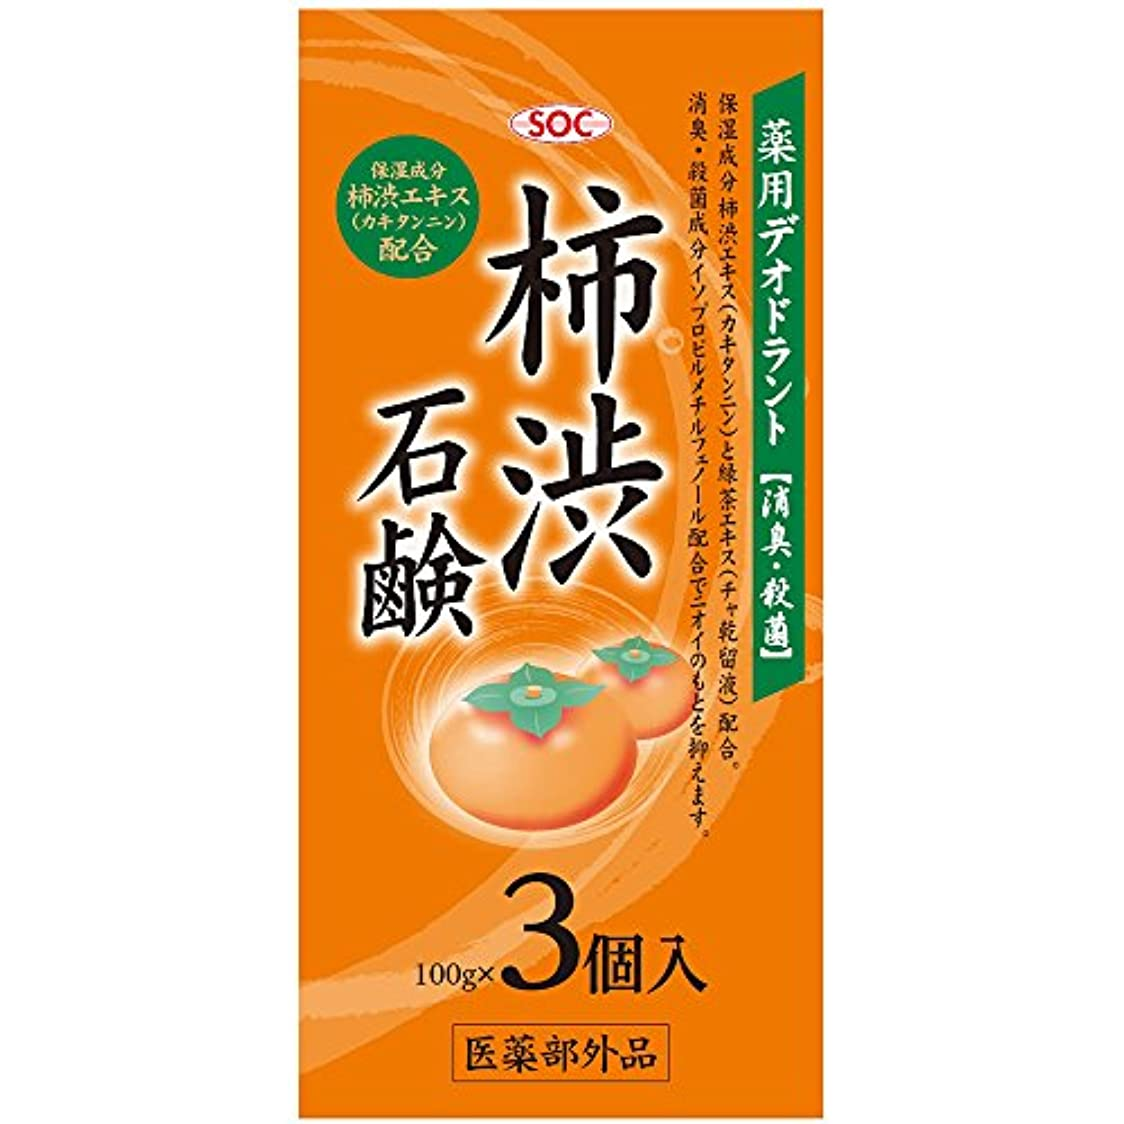 迷信弾丸支出SOC 薬用柿渋石鹸 3P (100g×3)